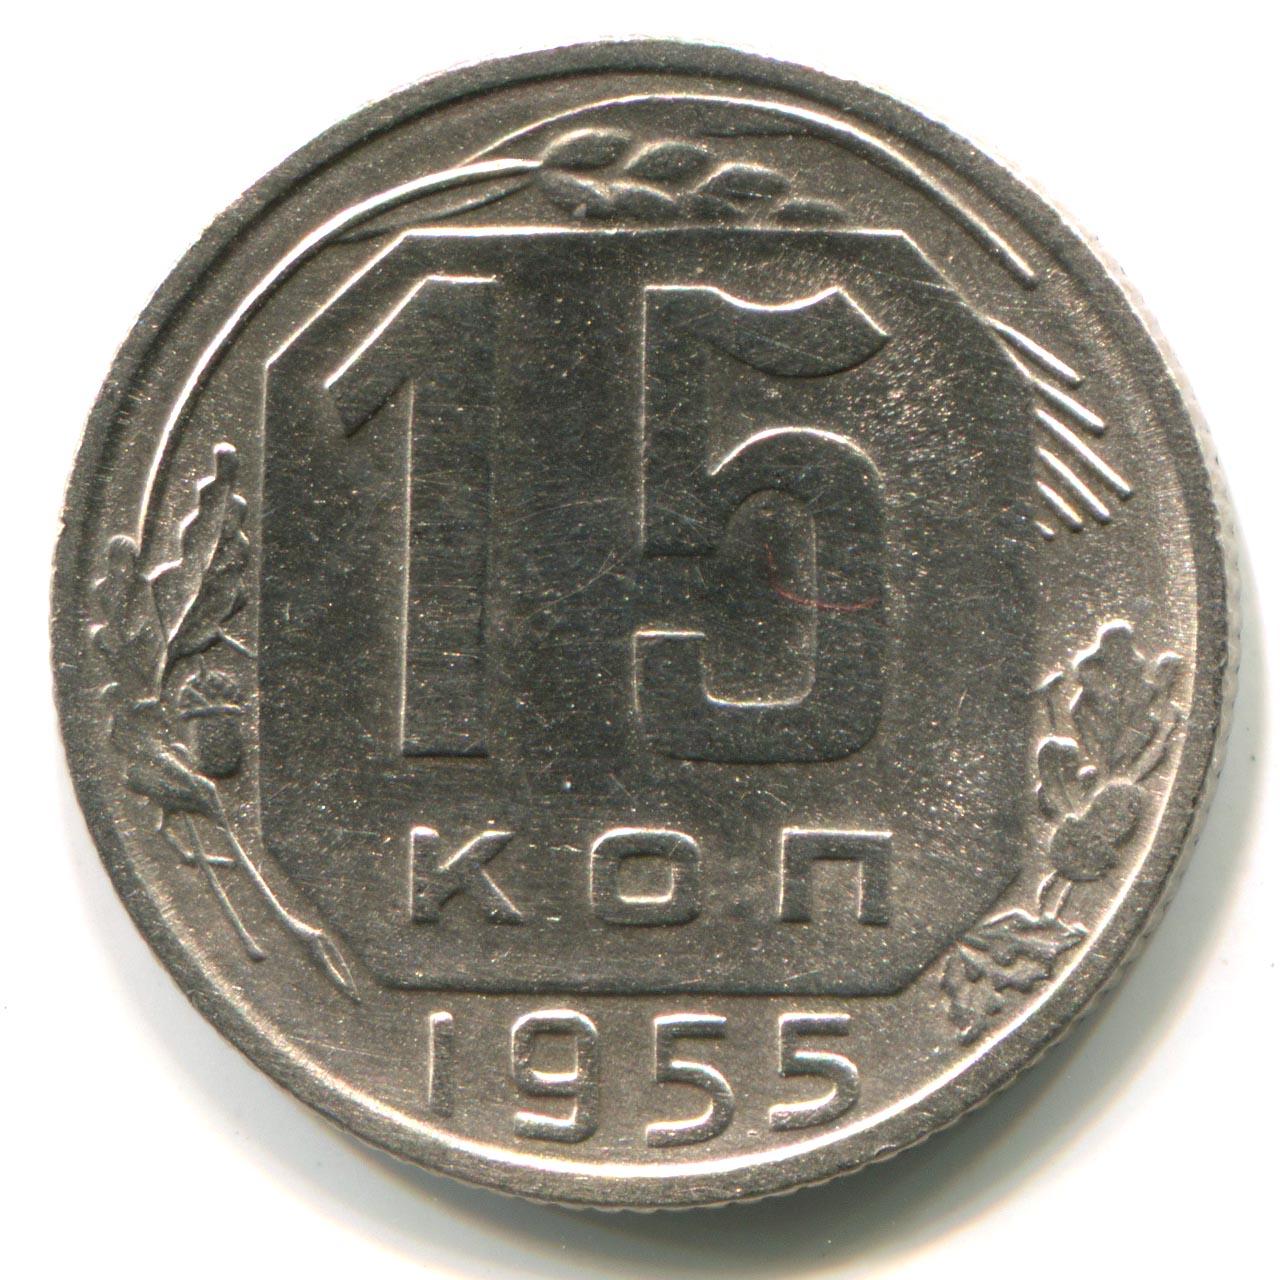 Сколько стоит монета 1955 года 1 марка 1875 года цена